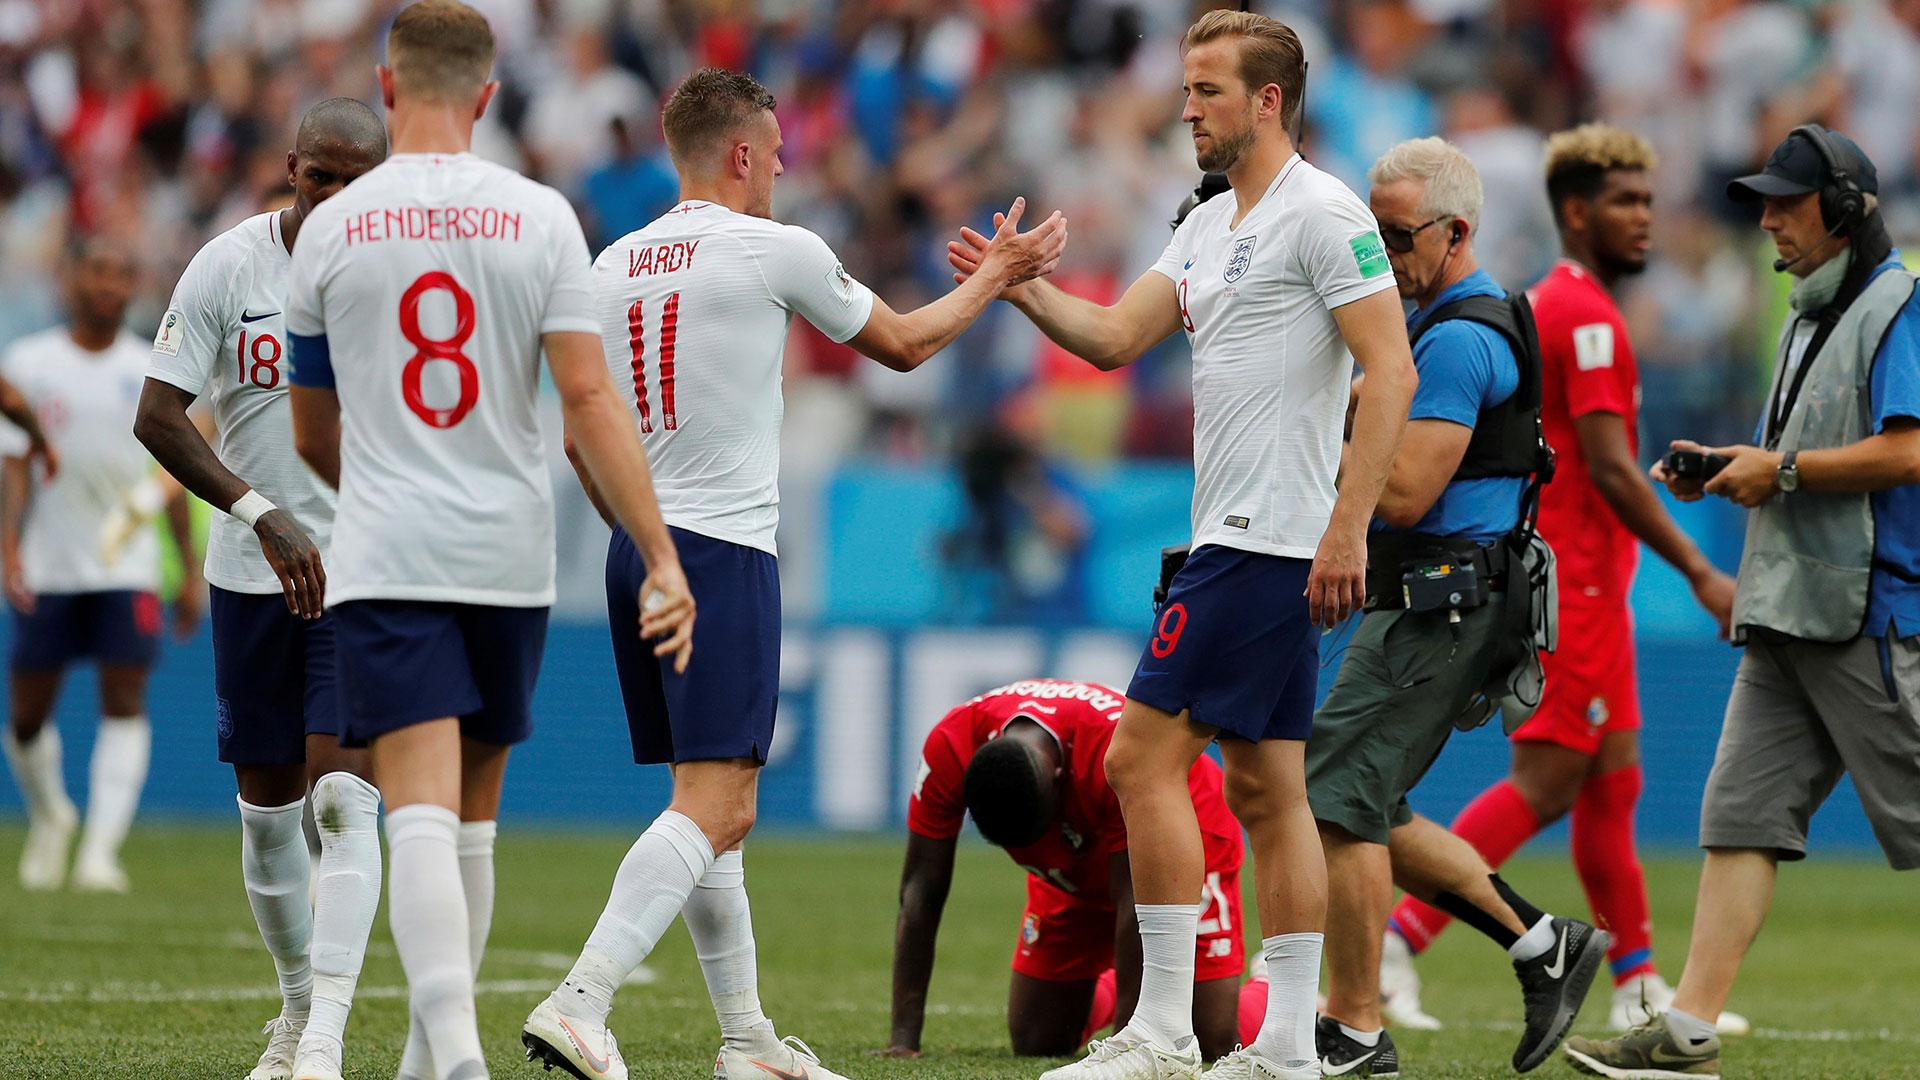 Inglaterra vs. Bélgica: el emocionante partido por el primer puesto